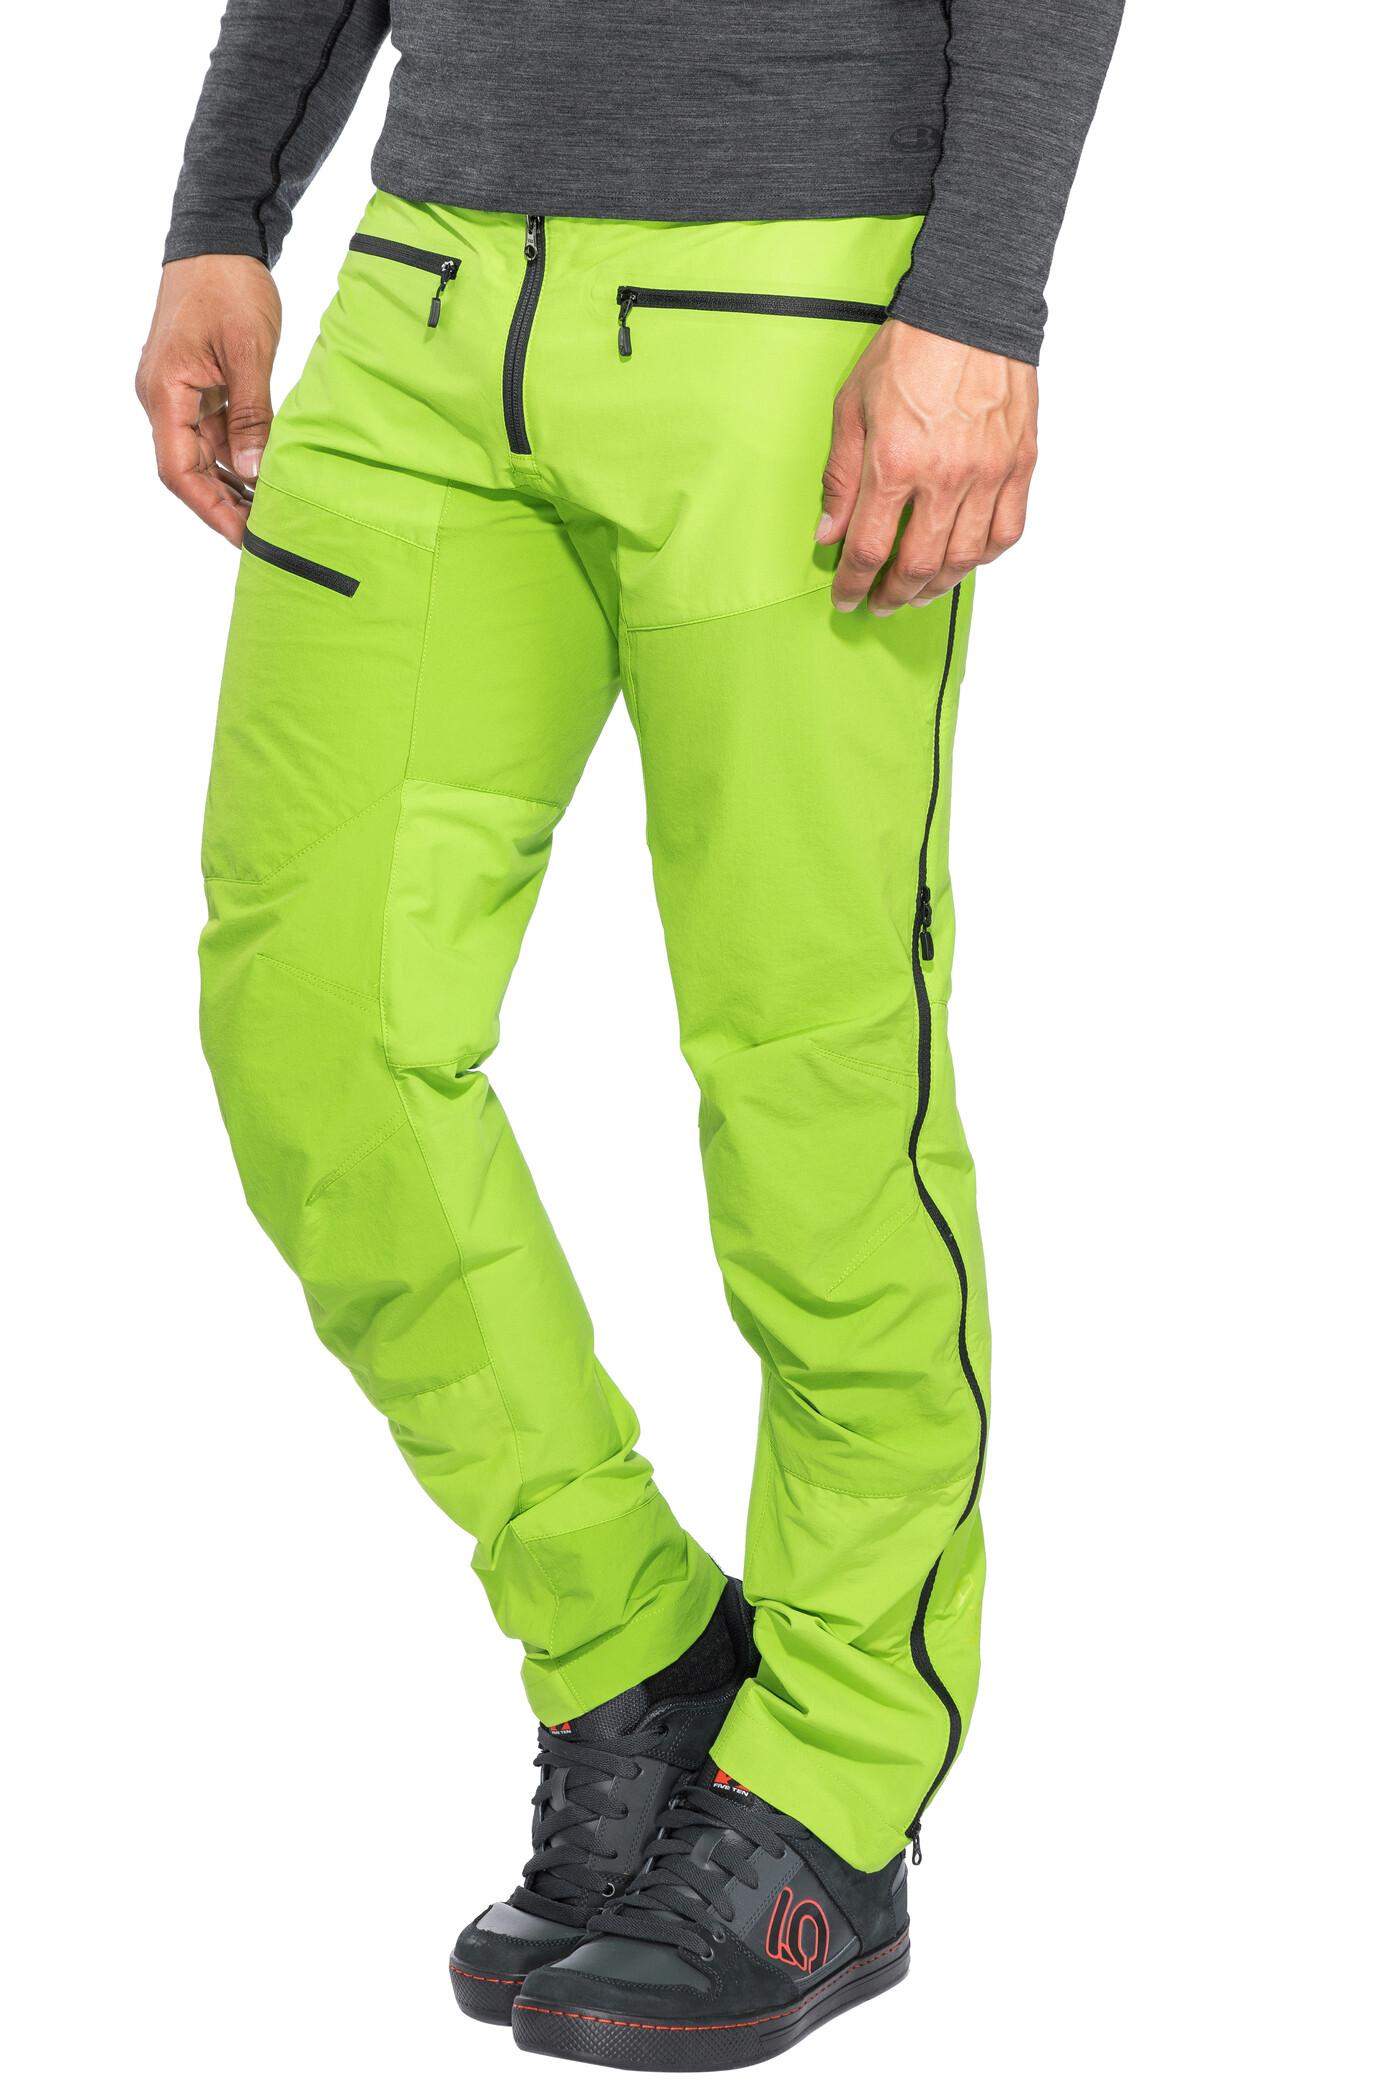 Norrøna Fjørå Flex1 Bukser Herrer, bamboo green (2019)   Trousers